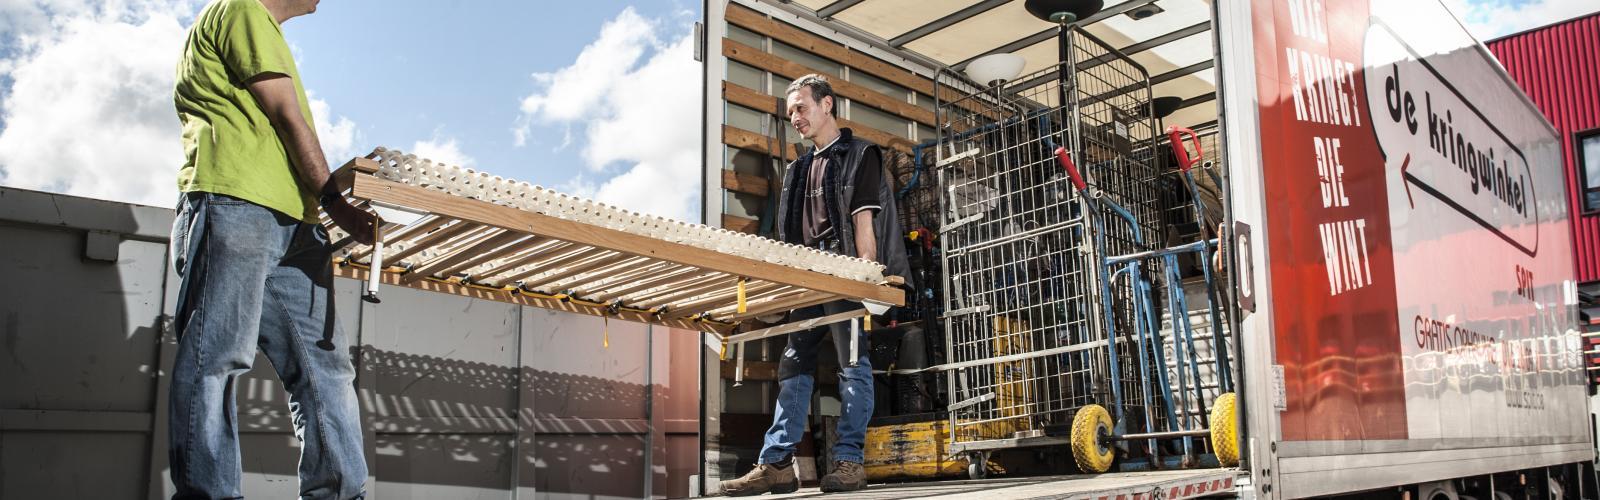 Mensen van de kringloopwinkel lossen hun opgehaalde goederen